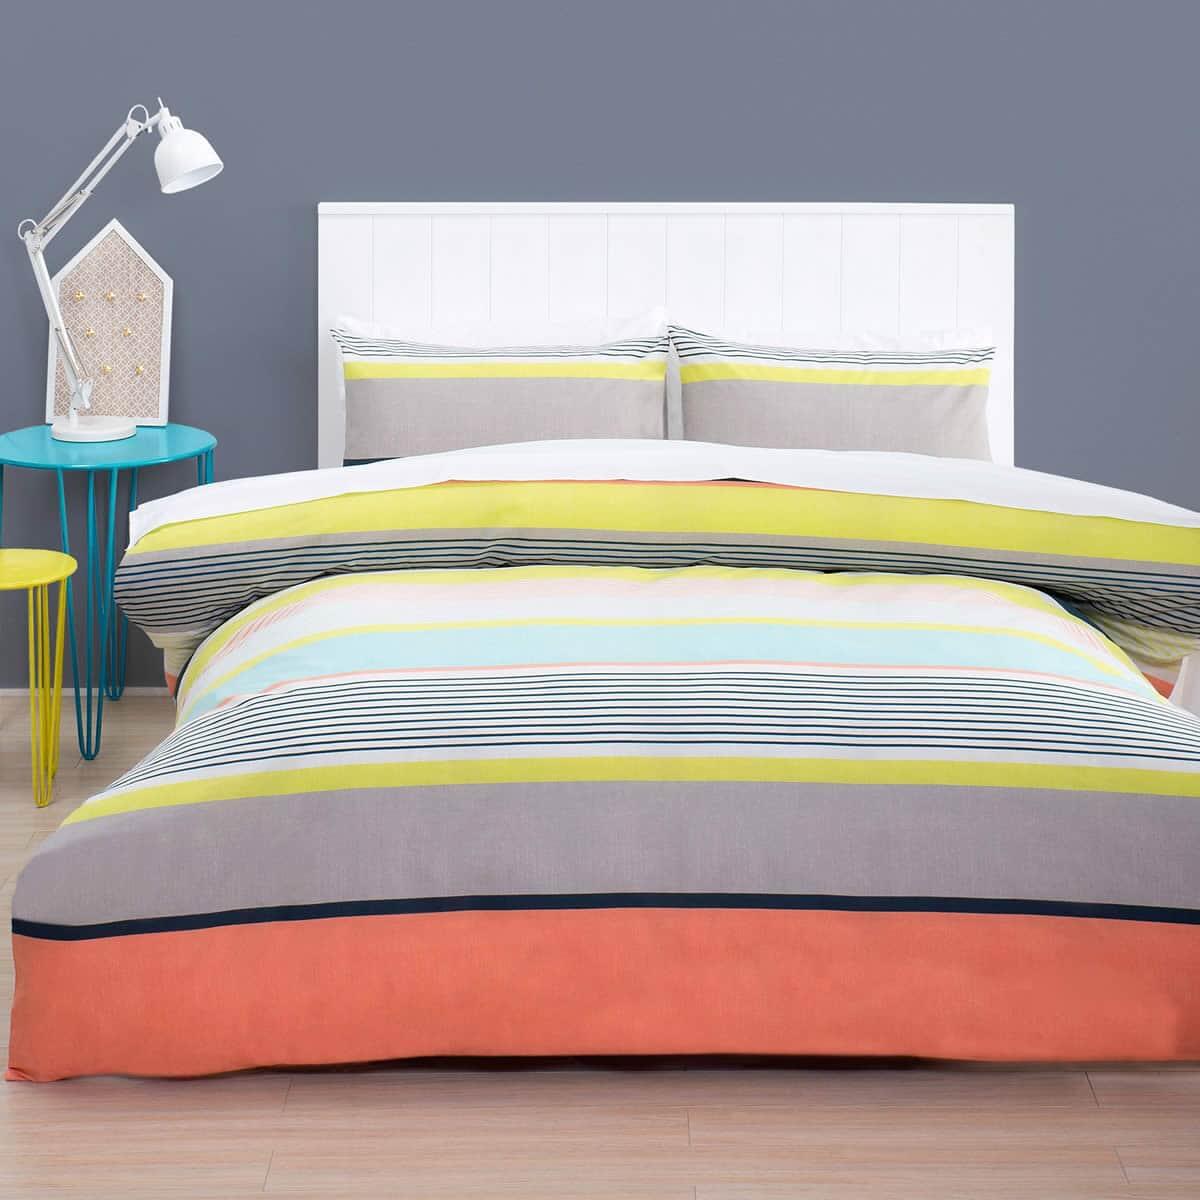 Linen House Sanita Pastel large